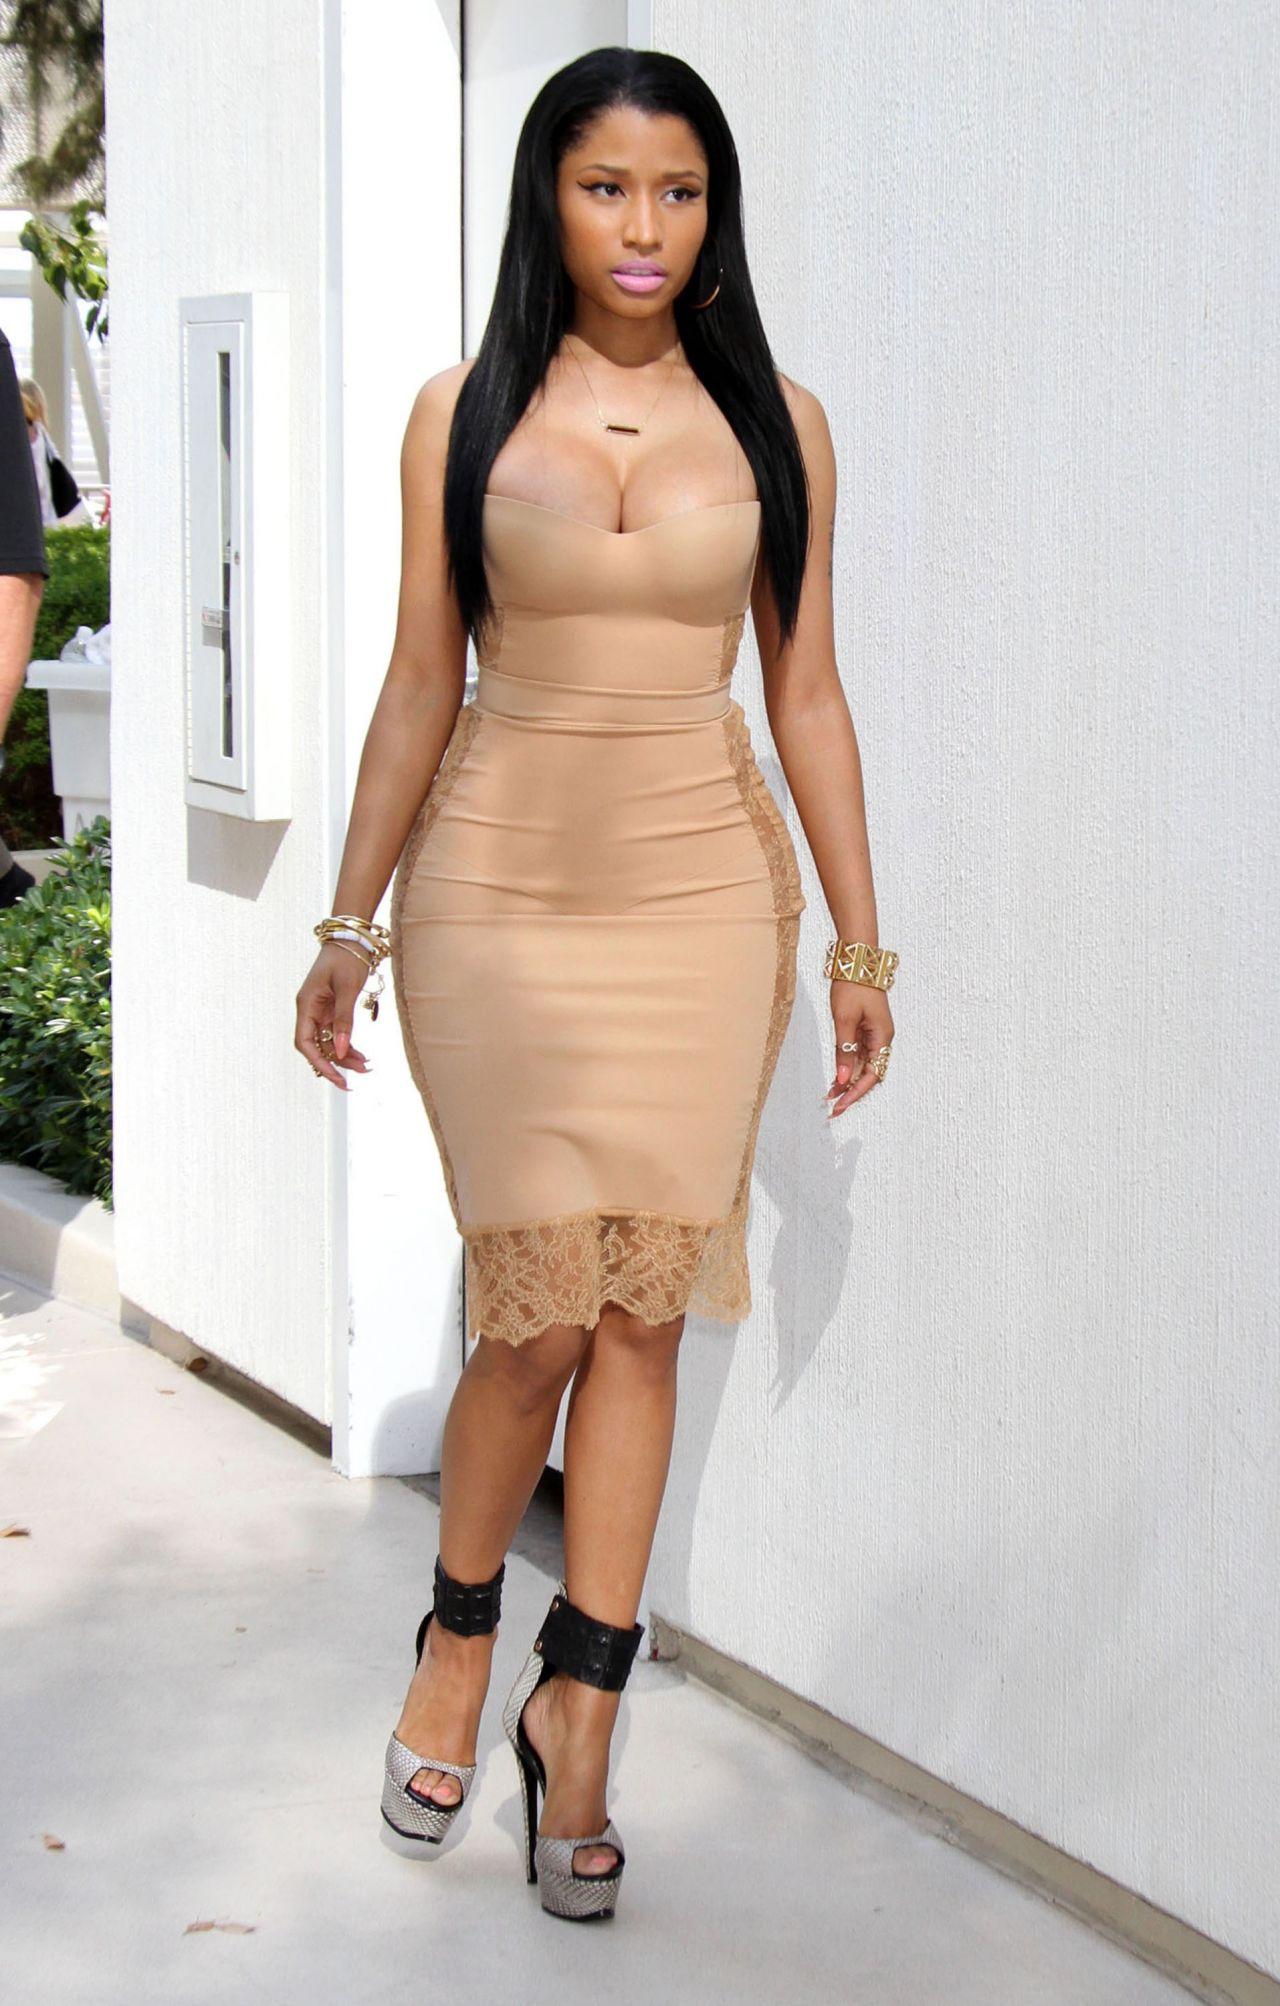 Nicki Minaj - Memorial Day Weekend Celebration - May 2014-9002